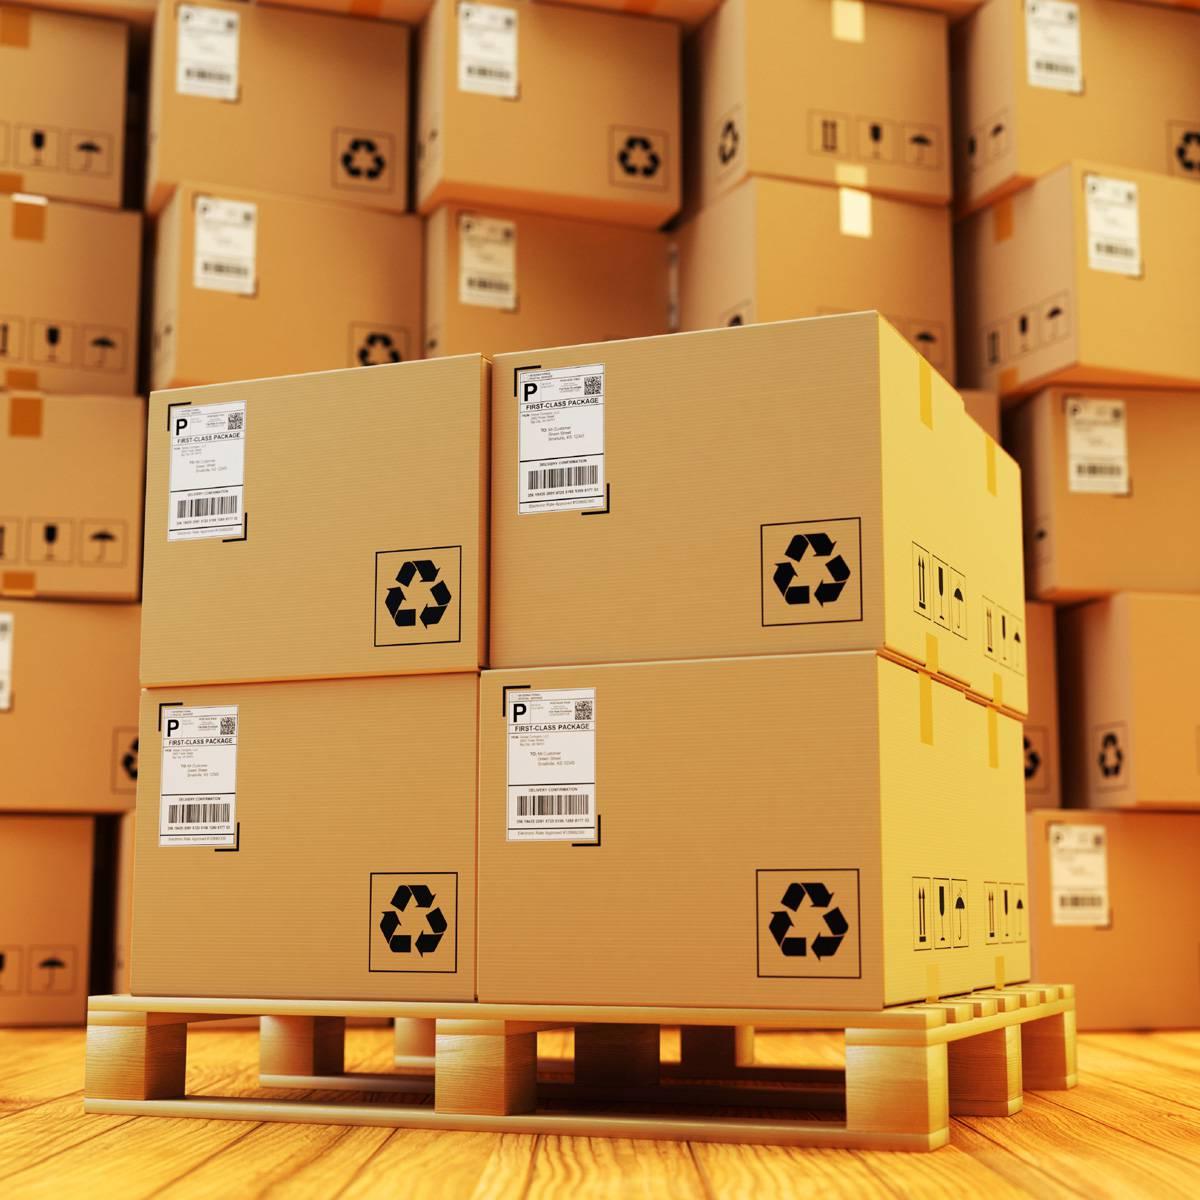 کنترل کیفیت بسته بندی محصولات و اصول برچسب زنی کالا پس از تولید